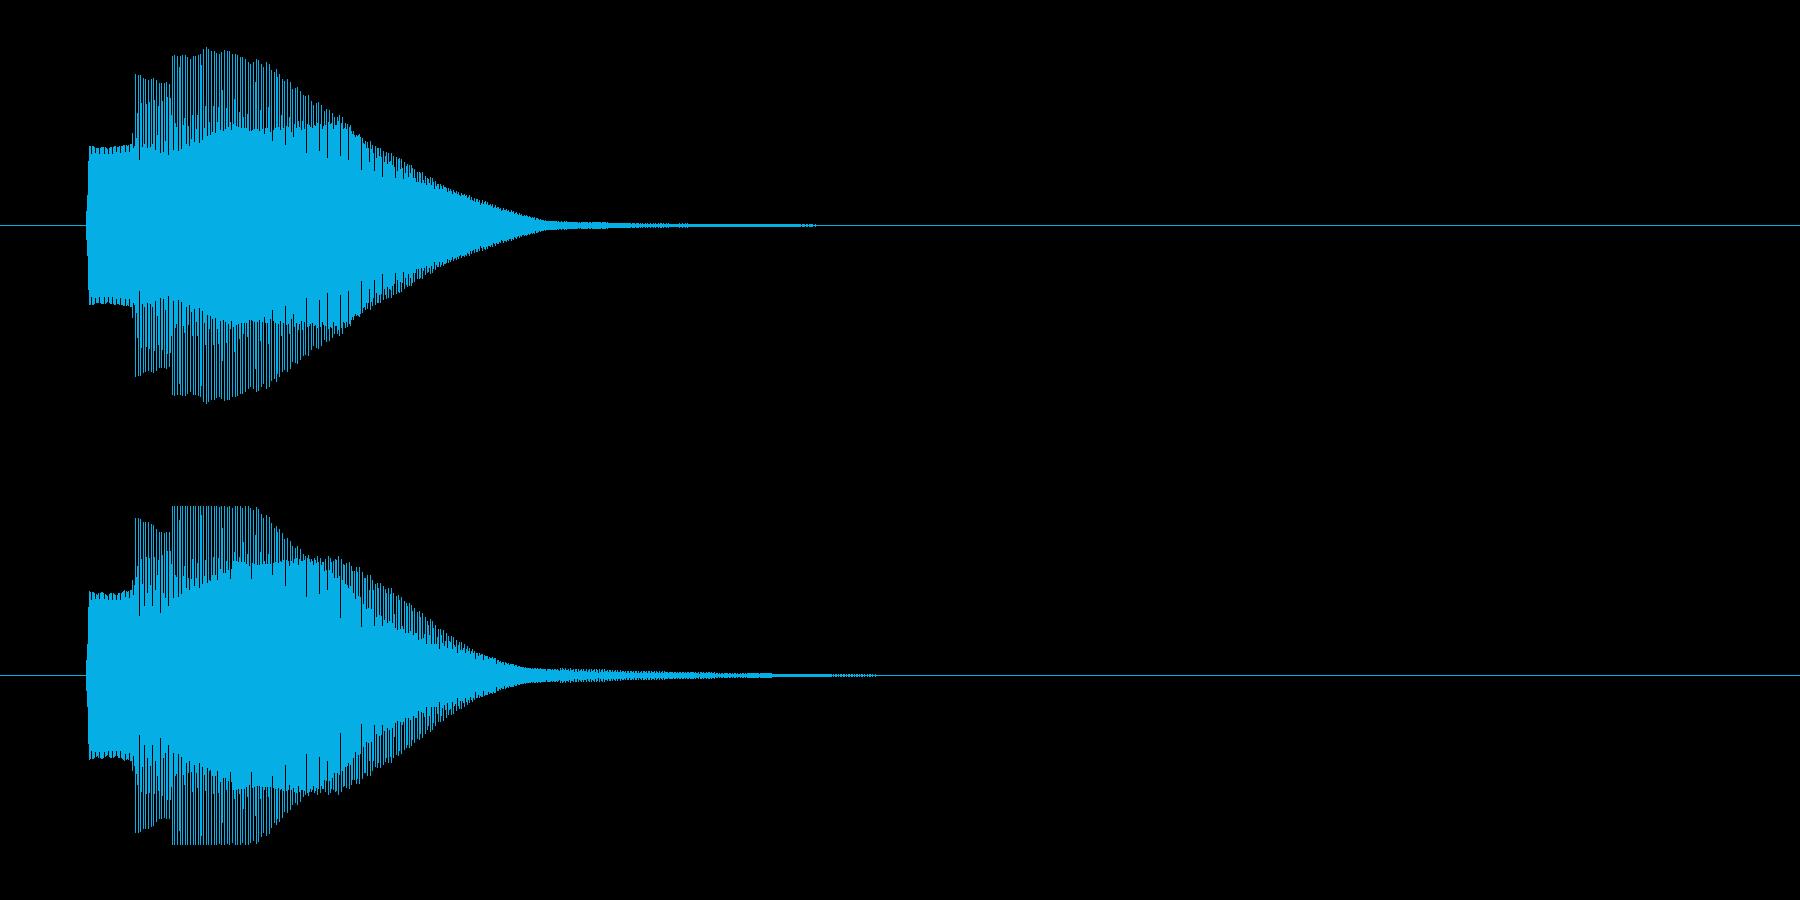 シンプルな決定音02 ピコーン ゲームの再生済みの波形